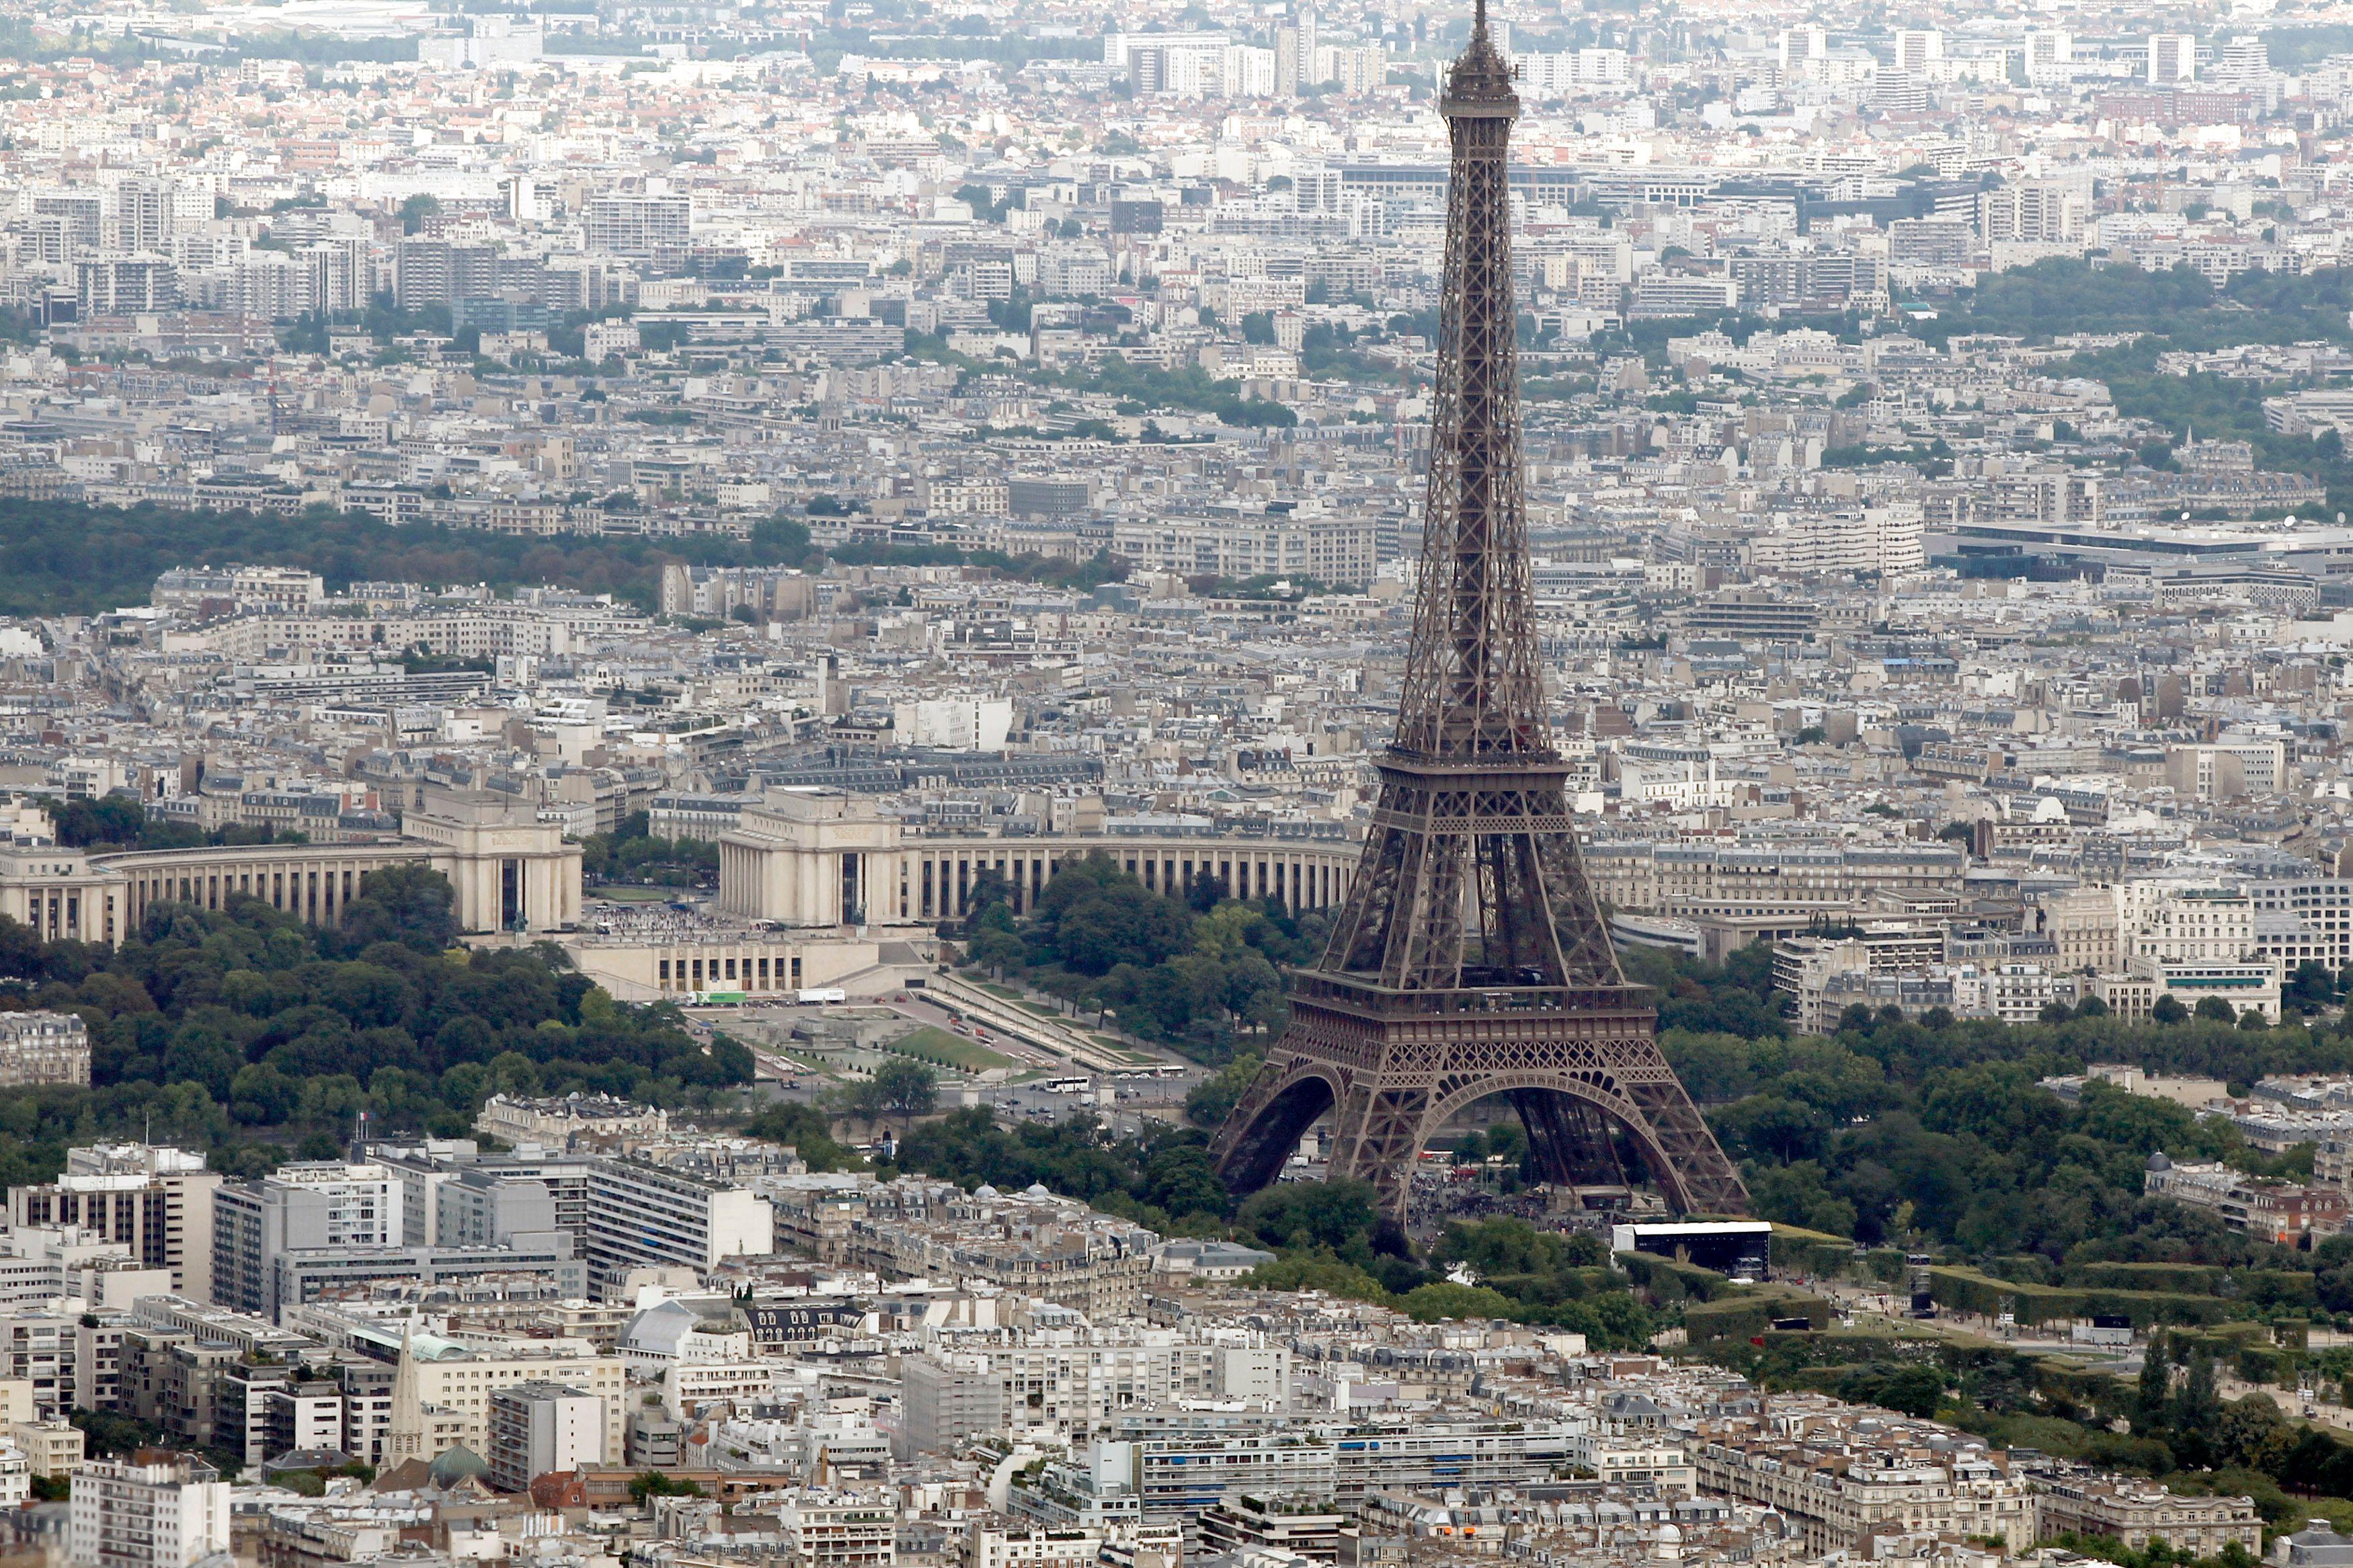 Les médias anglo-saxons donnent une image assez pessimiste de Paris et de la France en général